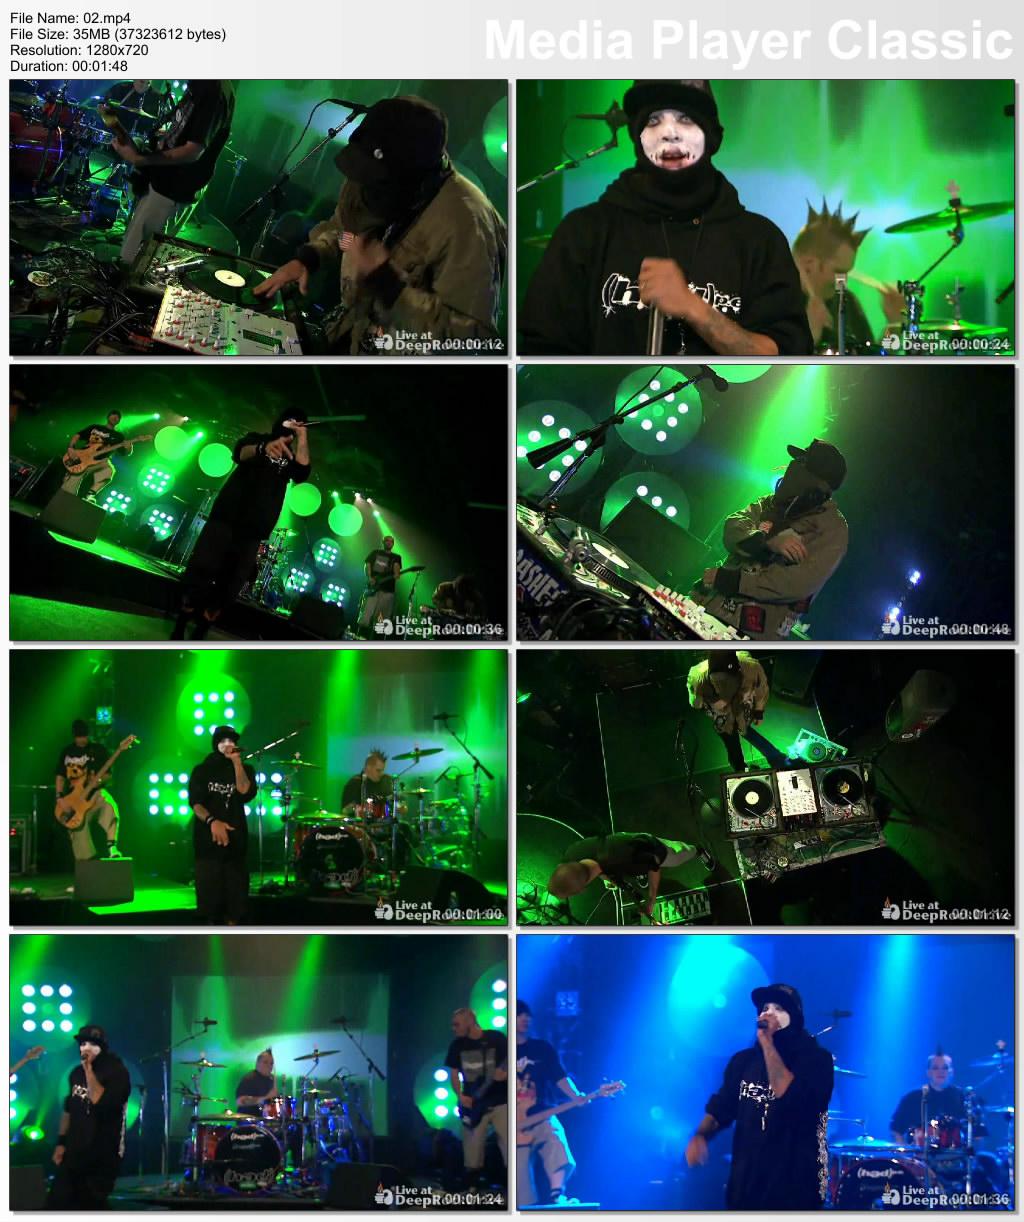 http://1.bp.blogspot.com/_tjaoqisTG_g/TO-yuopnYkI/AAAAAAAAAN4/SJYIzKLTUlE/s1600/thumbs20101126111242.jpg